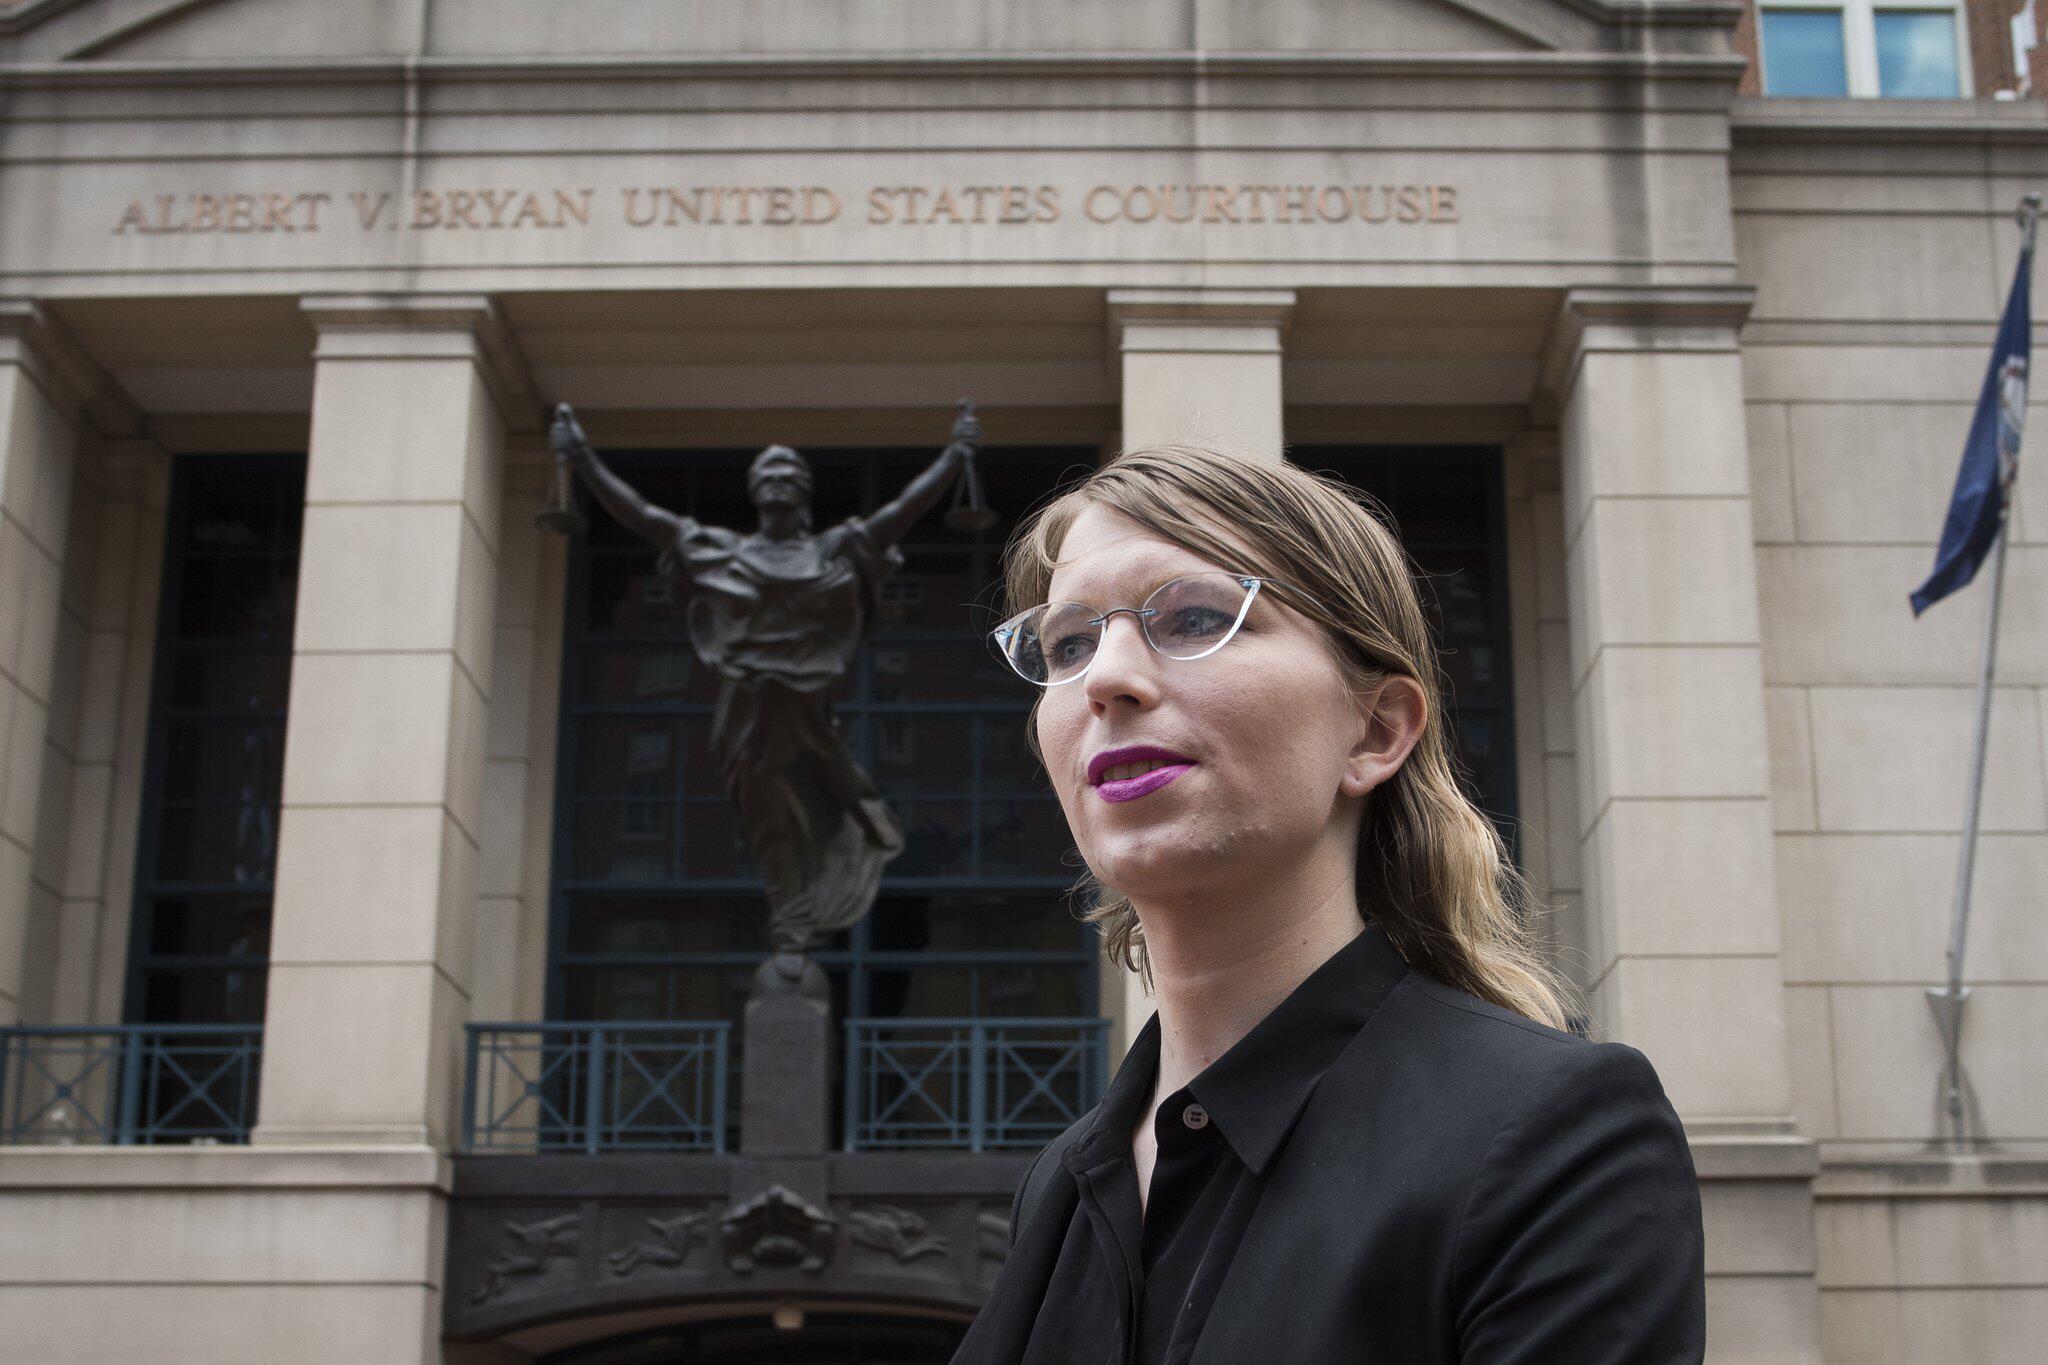 Bild zu Manning, frühere Wikileaks-Informantin